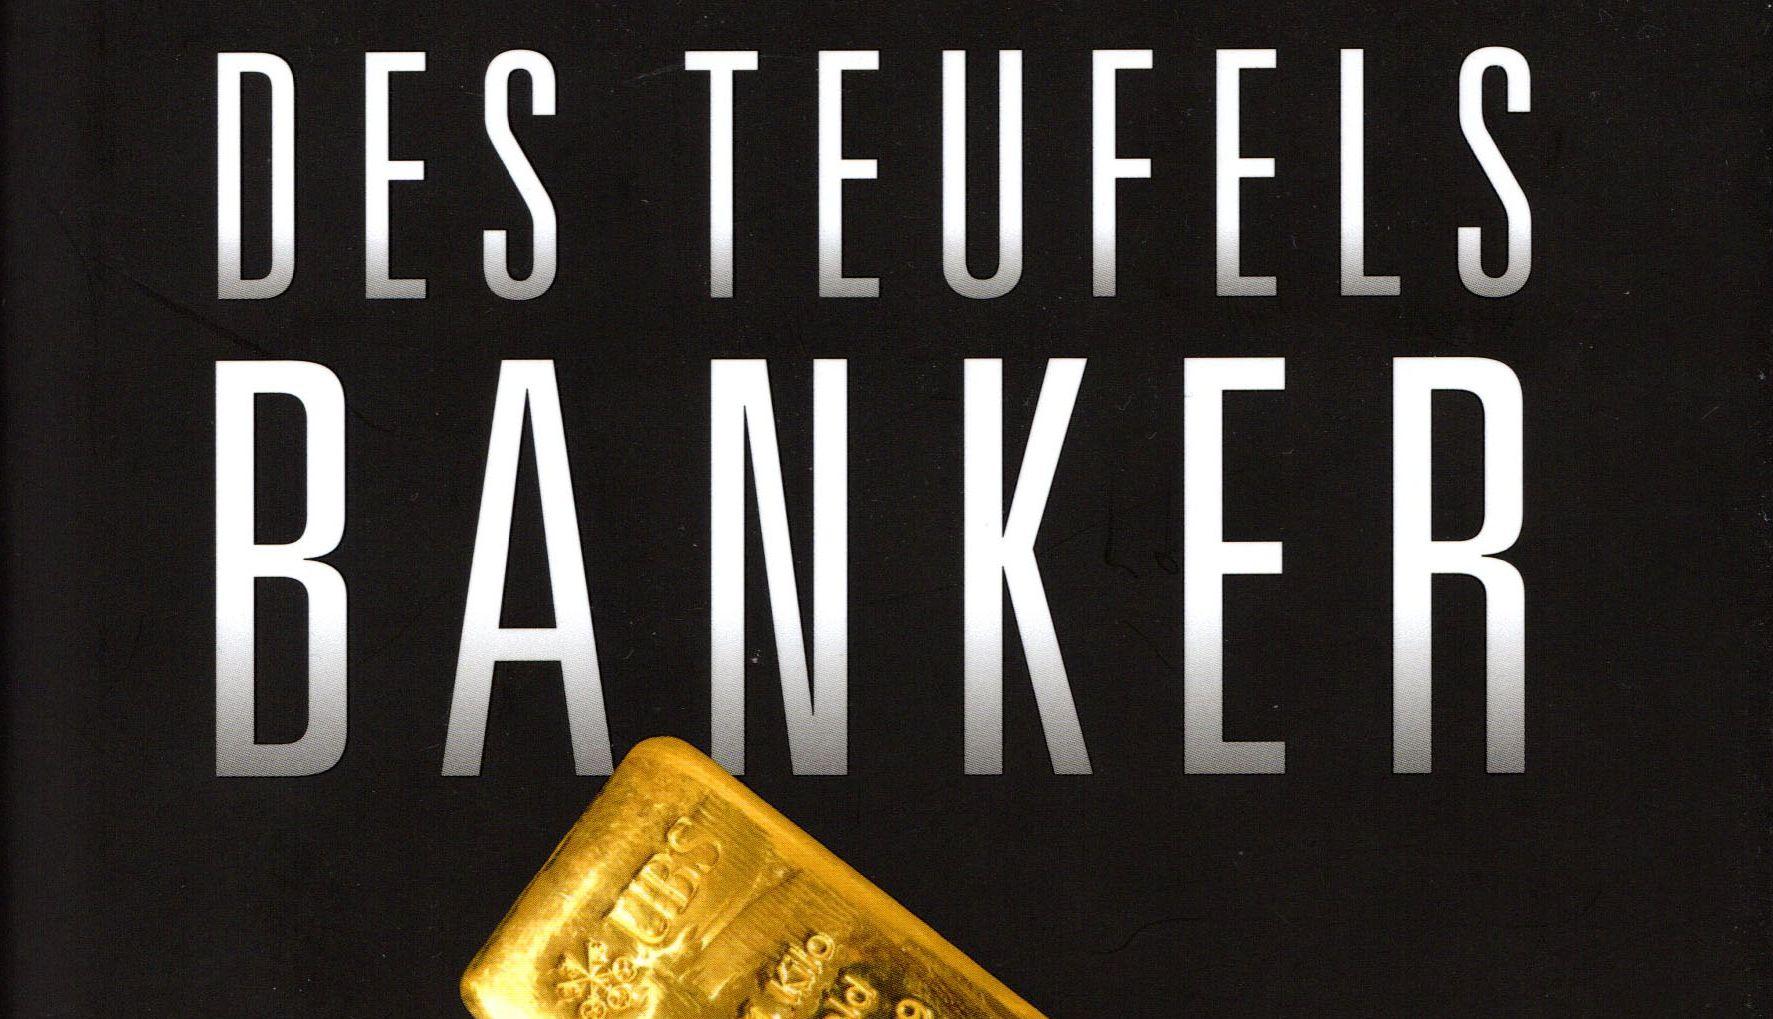 Des Teufels Banker – Wie die Schweizer UBS von einem Insider geleakt wurde – Ein Sensationserfolg